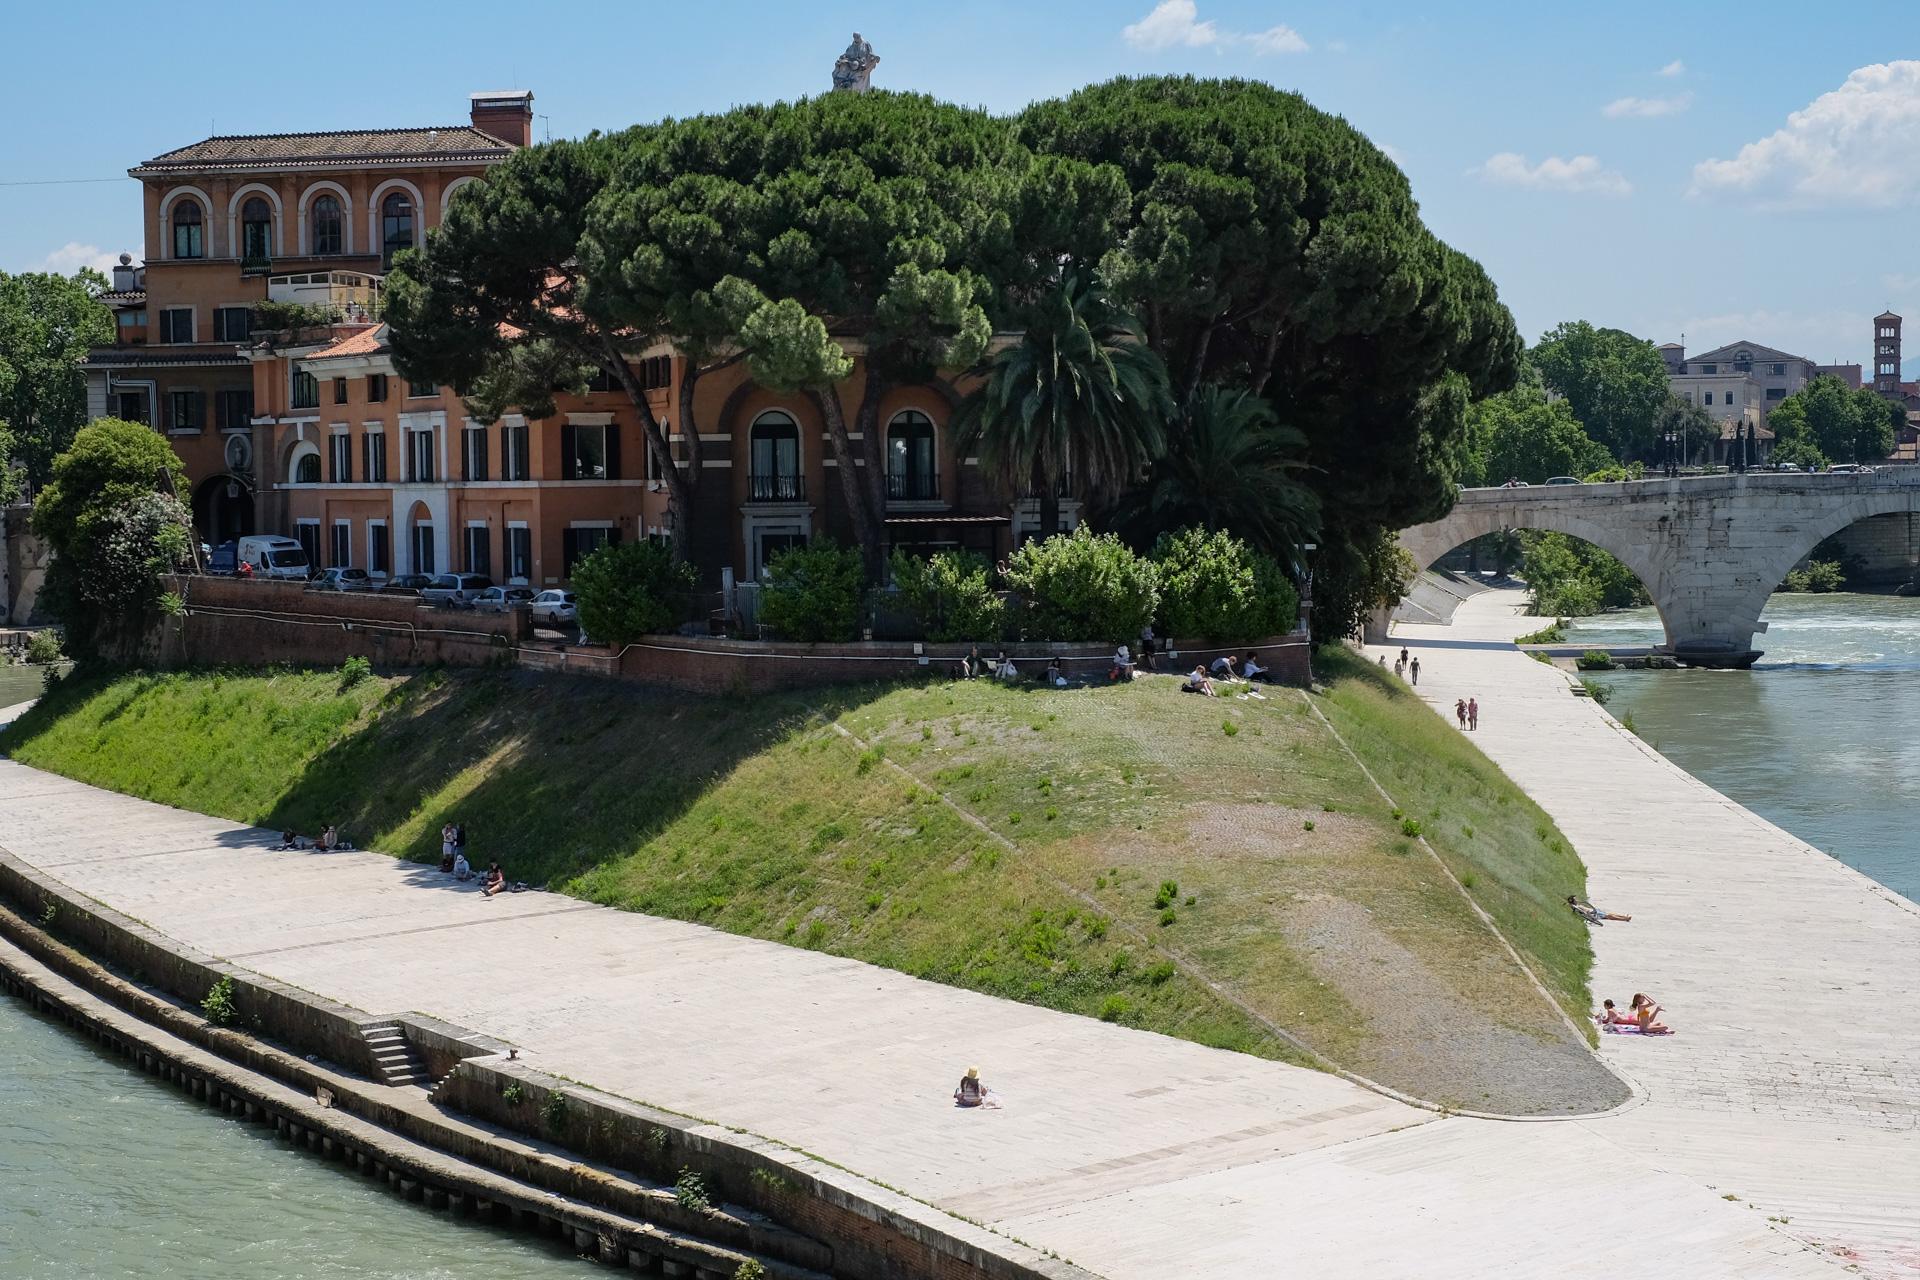 Maisema Tiber-joen varrelta, isot pinjat rakennuksen edessä